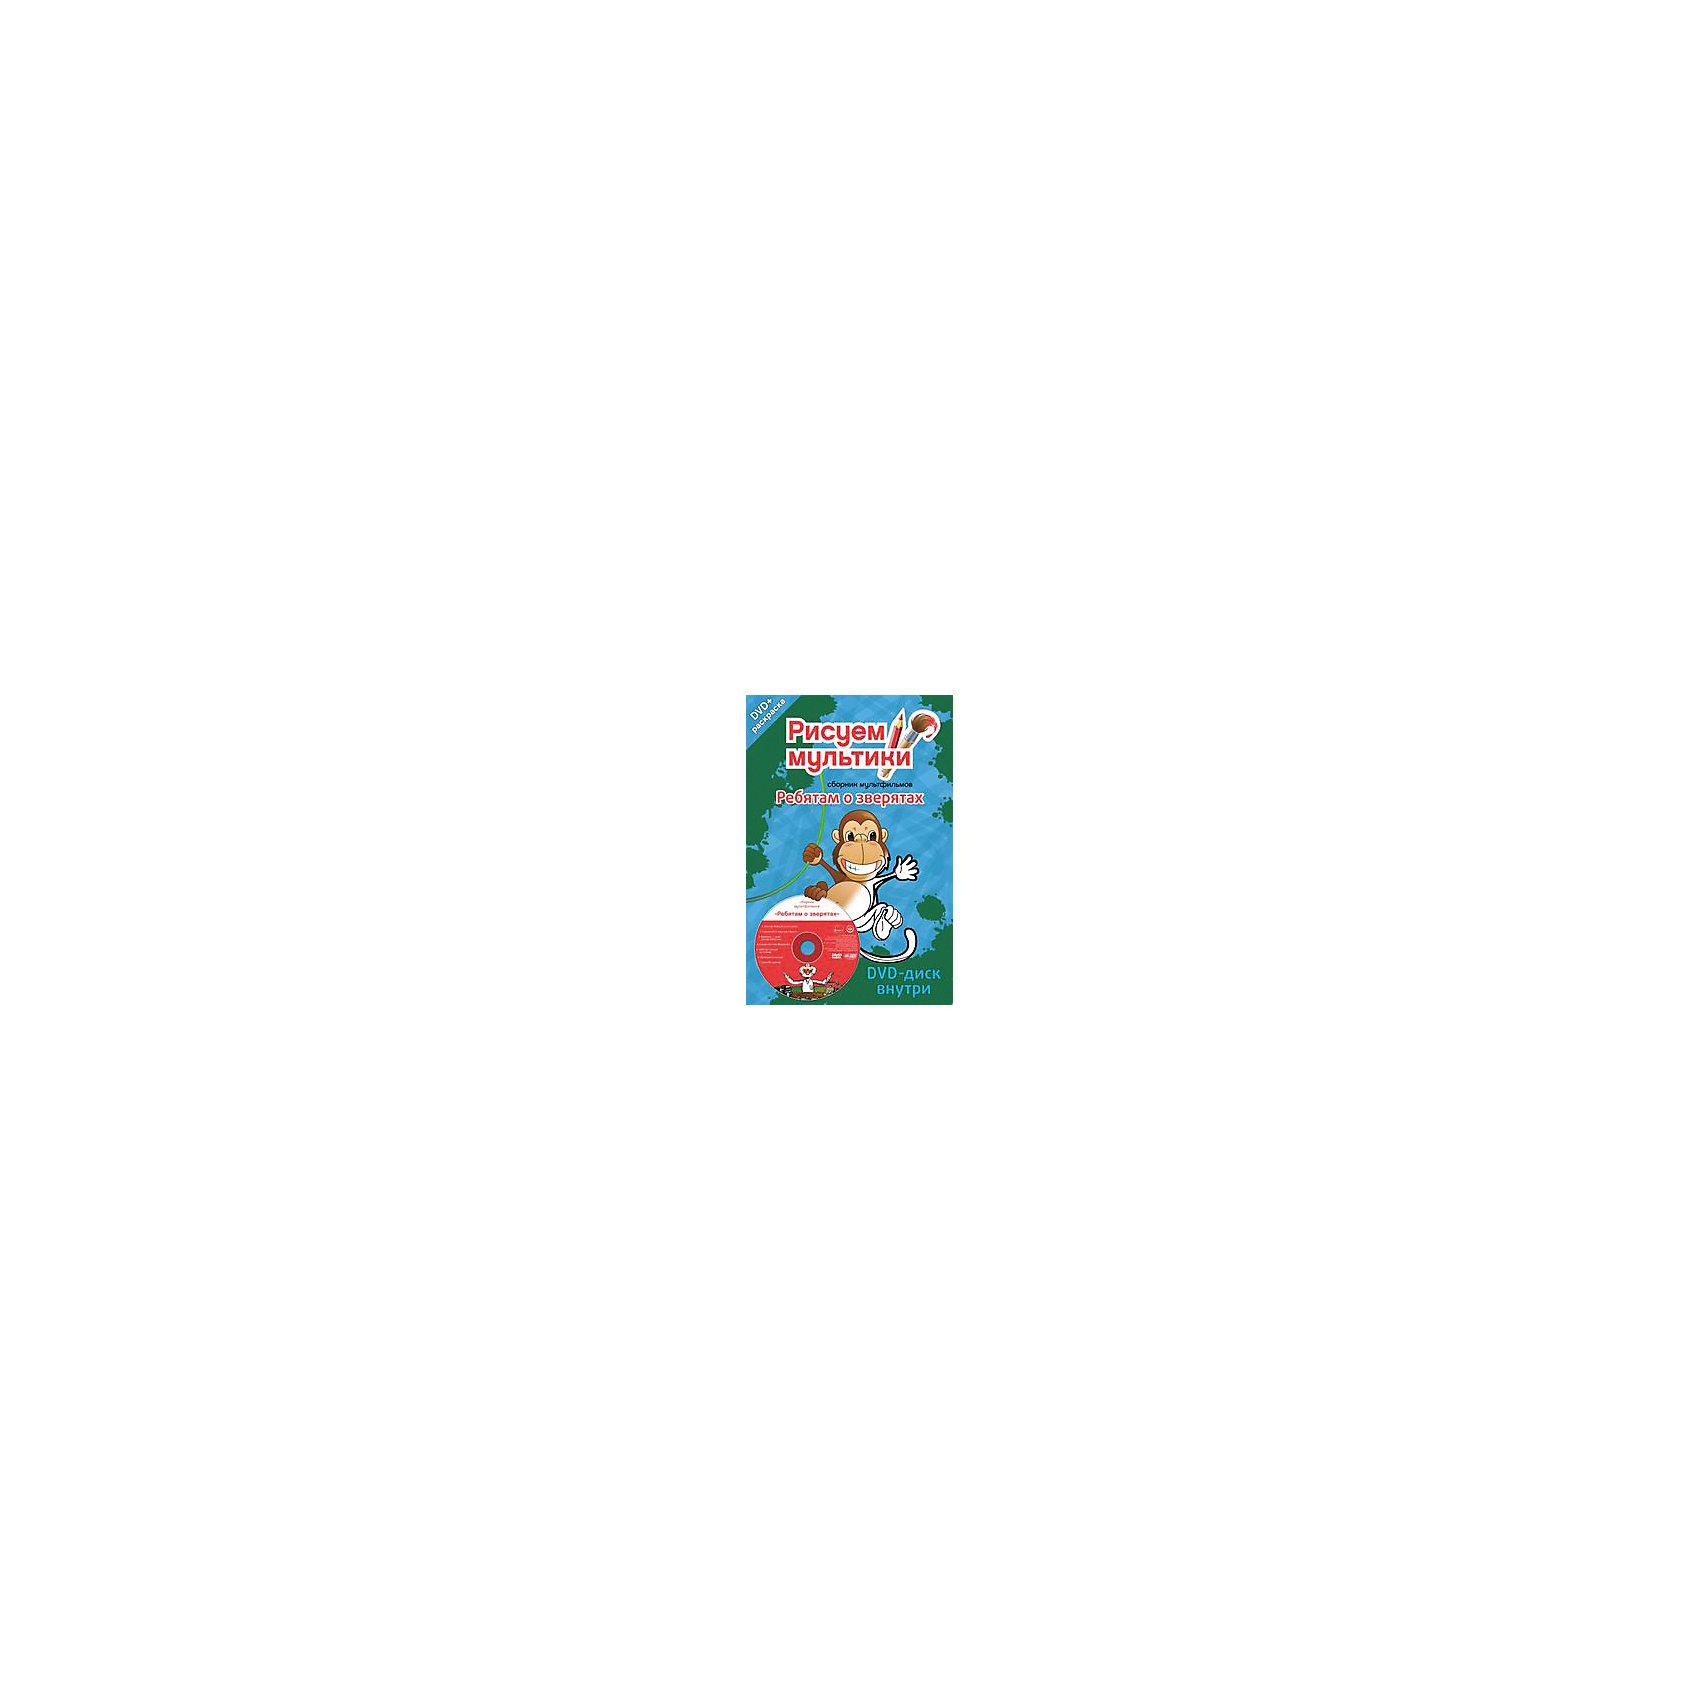 Раскраска + DVD Ребятам о зверятахРаскраска + DVD Ребятам о зверятах - это отличный мультфильм с любимыми героями.<br>Доктор Айболит вместе со своими друзьями-животными переживает самые невероятные приключения. Озорной, веселый мультипликационный сериал, с пиратами и погонями, песнями и танцами. Фильм снят по мотивам произведений Корнея Чуковского. В ролях: Зиновий Гердт, Евгений Паперный, А. Бурмистров, Григорий Толчинский, Г. Кишко, М. Миронова.<br><br>Дополнительная информация:<br><br>- Содержание: Доктор Айболит и его звери, Бармалей и морские пираты, Варвара - злая сестра Айболита, Коварный план Бармалея, Айболит спешит на помощь, Крокодил и солнце, Спасибо, доктор!<br>- Дополнительные материалы: раскраска (8 картинок)<br>- Режиссер: Давид Черкасский<br>- Кинокомпания: Гостелерадио СССР, Киевнаучфильм<br>- Сборник мультфильмов СССР 1985 г.<br>- Издательство: Новый диск<br>- Количество DVD дисков: 1<br>- Длительность: 70 мин.<br>- Формат изображения: Standart 4:3 (1,33:1)<br>- Звуковые дорожки: Русский Dolby Digital 2.0.<br>- Размер: 140x2x210 мм.<br>- Вес: 50 гр.<br><br>Раскраску + DVD Ребятам о зверятах можно купить в нашем интернет-магазине.<br><br>Ширина мм: 140<br>Глубина мм: 2<br>Высота мм: 210<br>Вес г: 50<br>Возраст от месяцев: 36<br>Возраст до месяцев: 2147483647<br>Пол: Унисекс<br>Возраст: Детский<br>SKU: 4209502